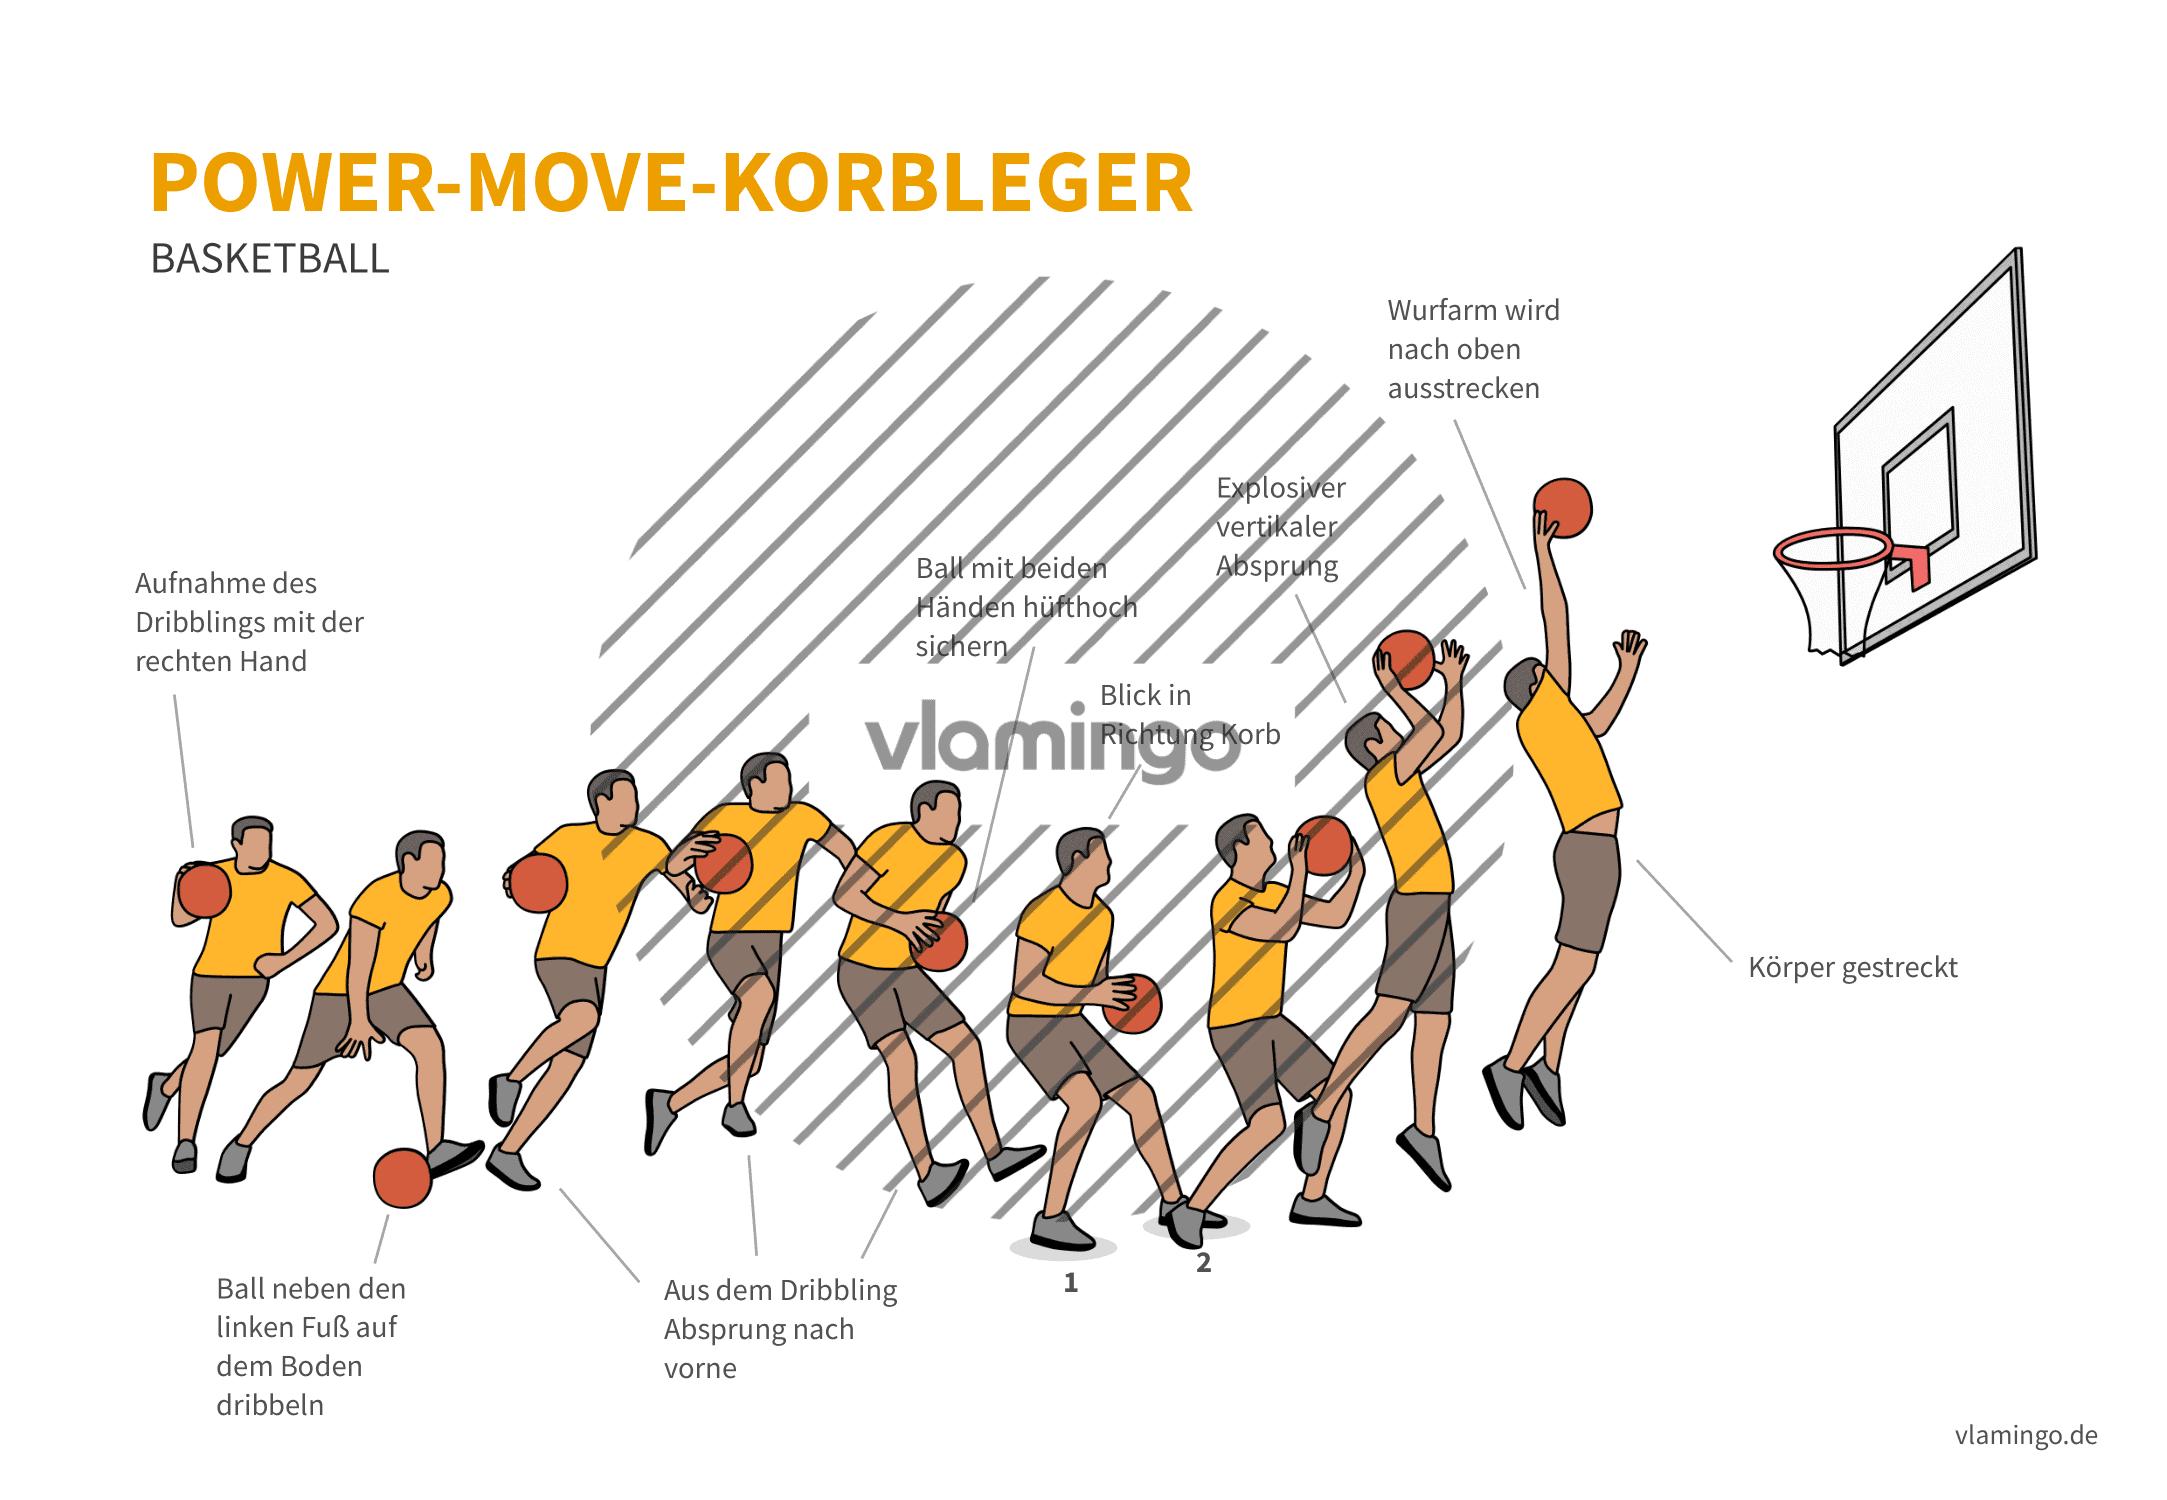 Basketball - Power-Move-Korbleger